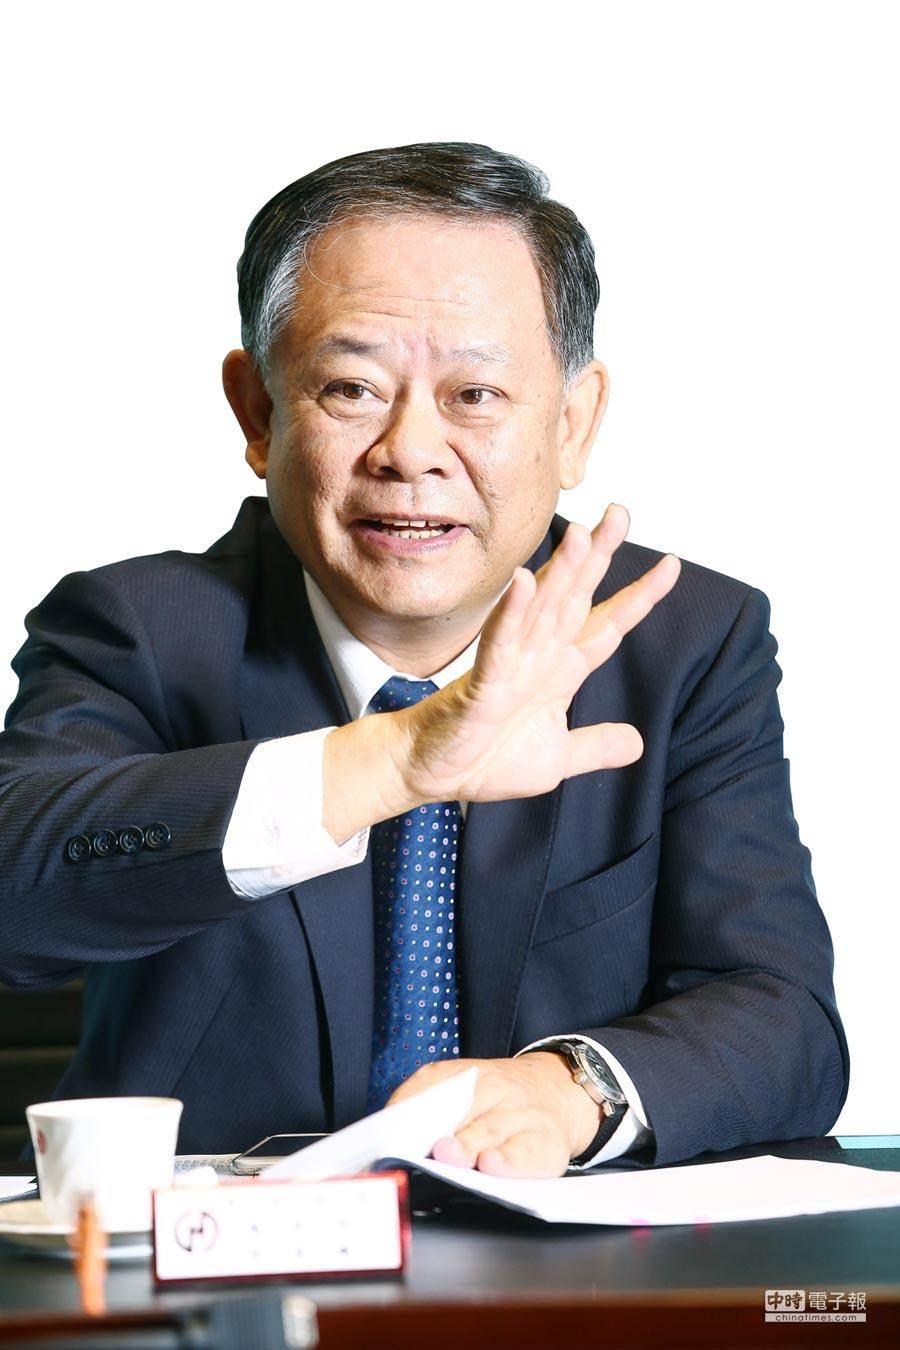 高雄銀行董事長張雲鵬。(圖/本報資料照片)